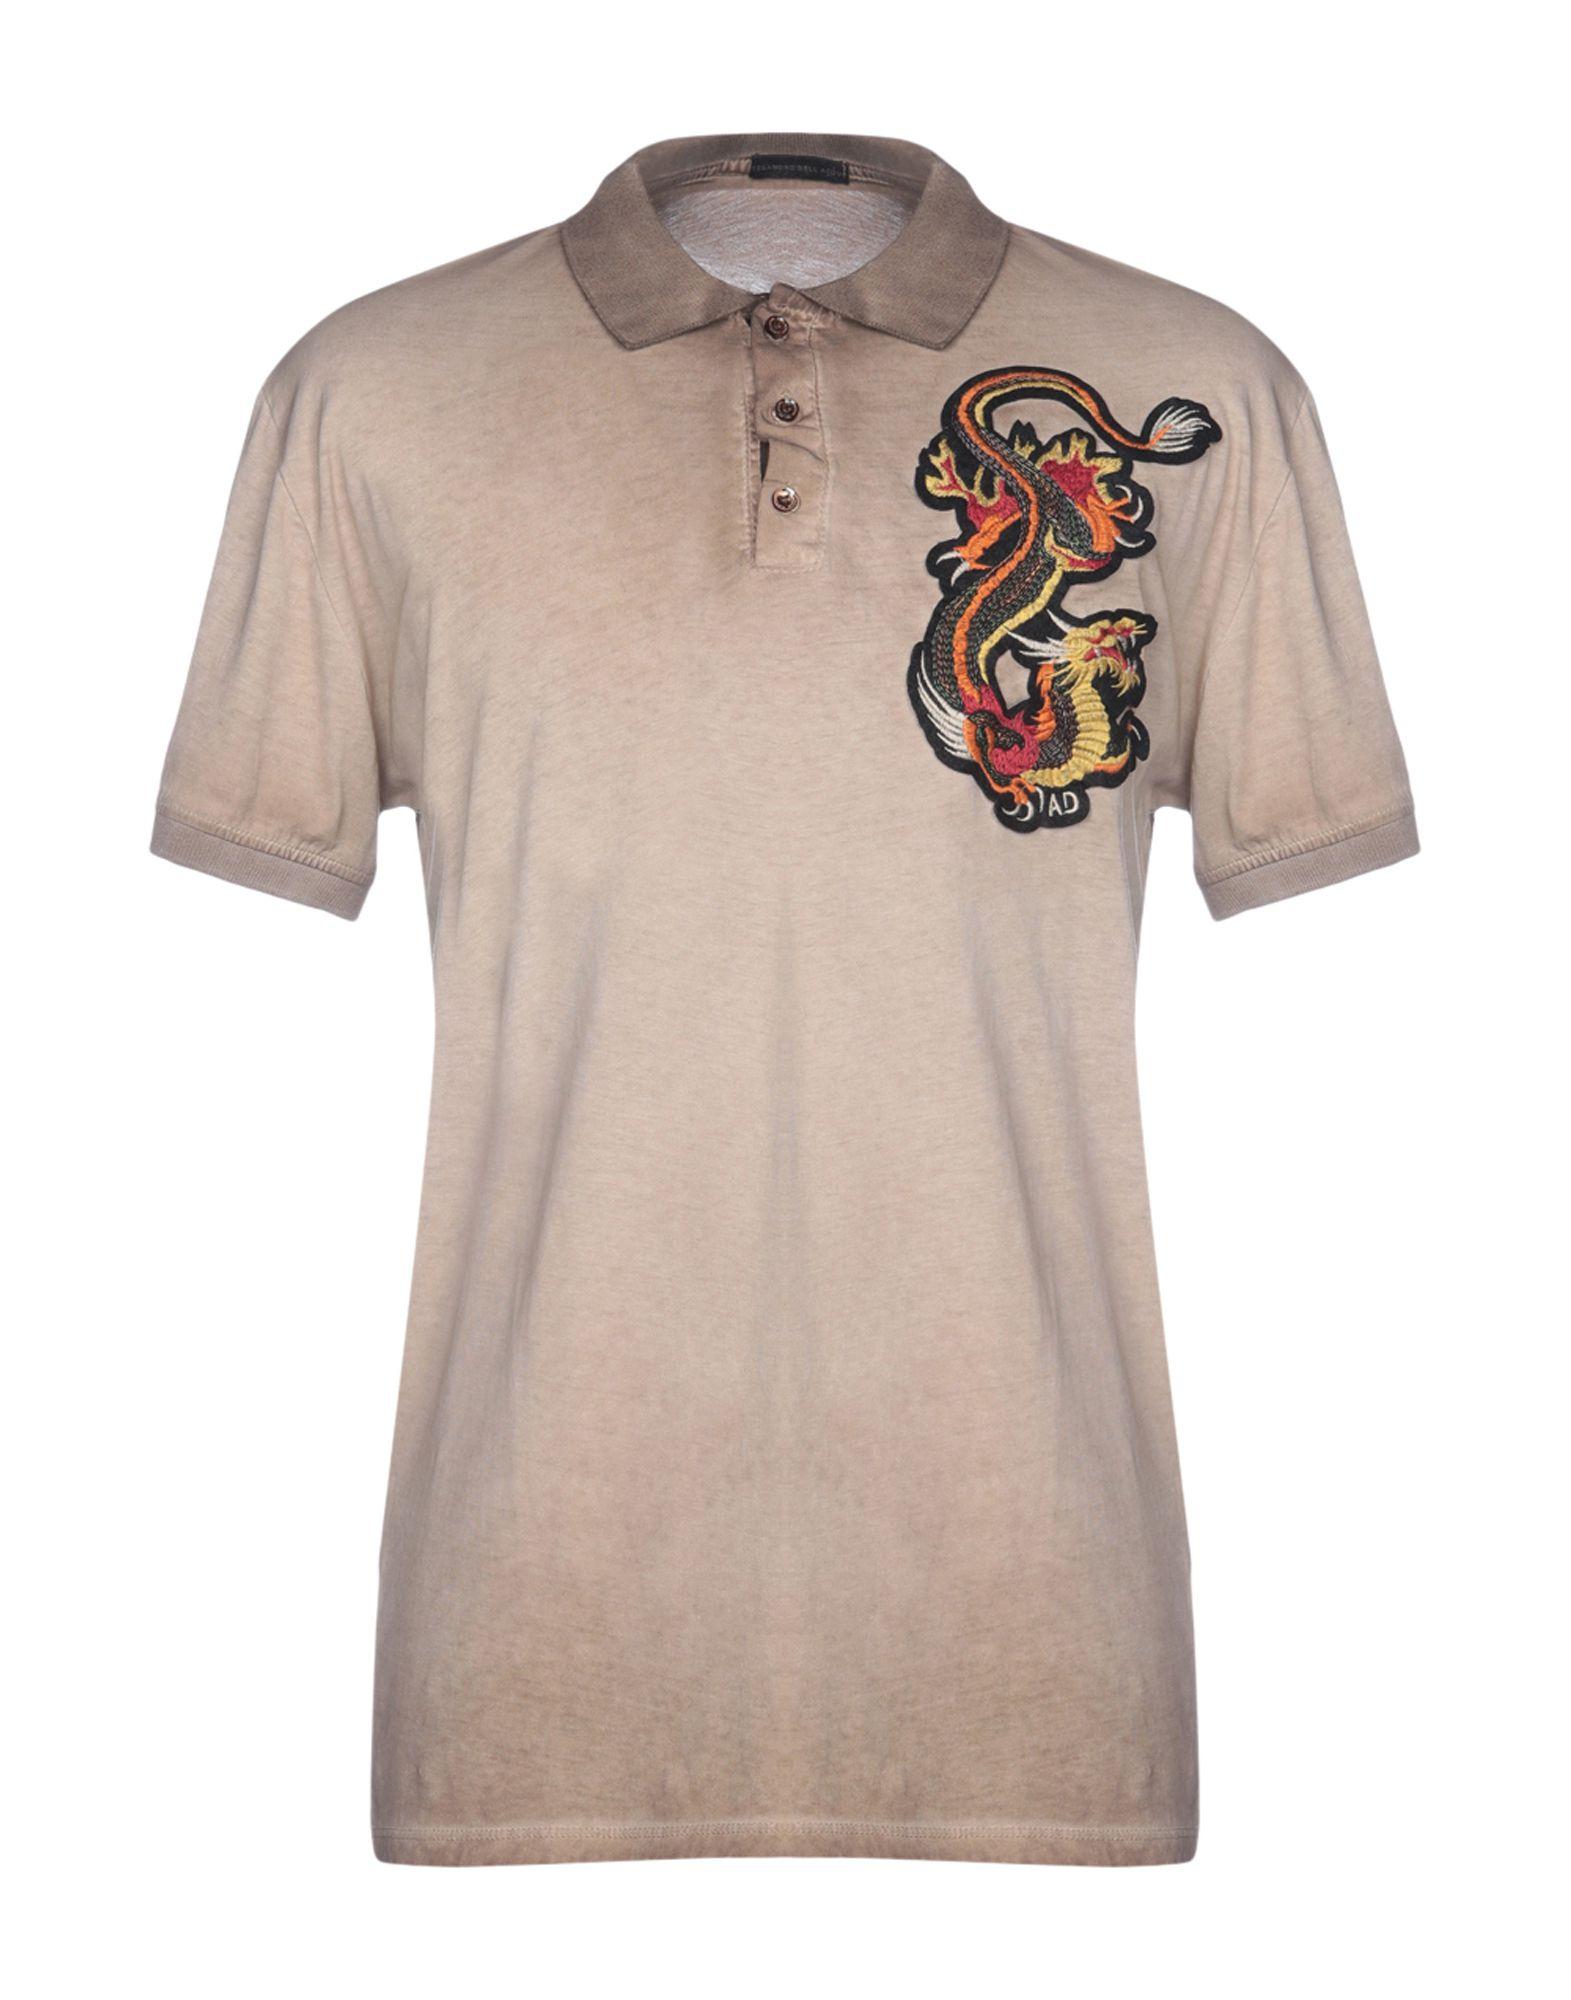 《送料無料》ALESSANDRO DELL'ACQUA メンズ ポロシャツ サンド S コットン 100%